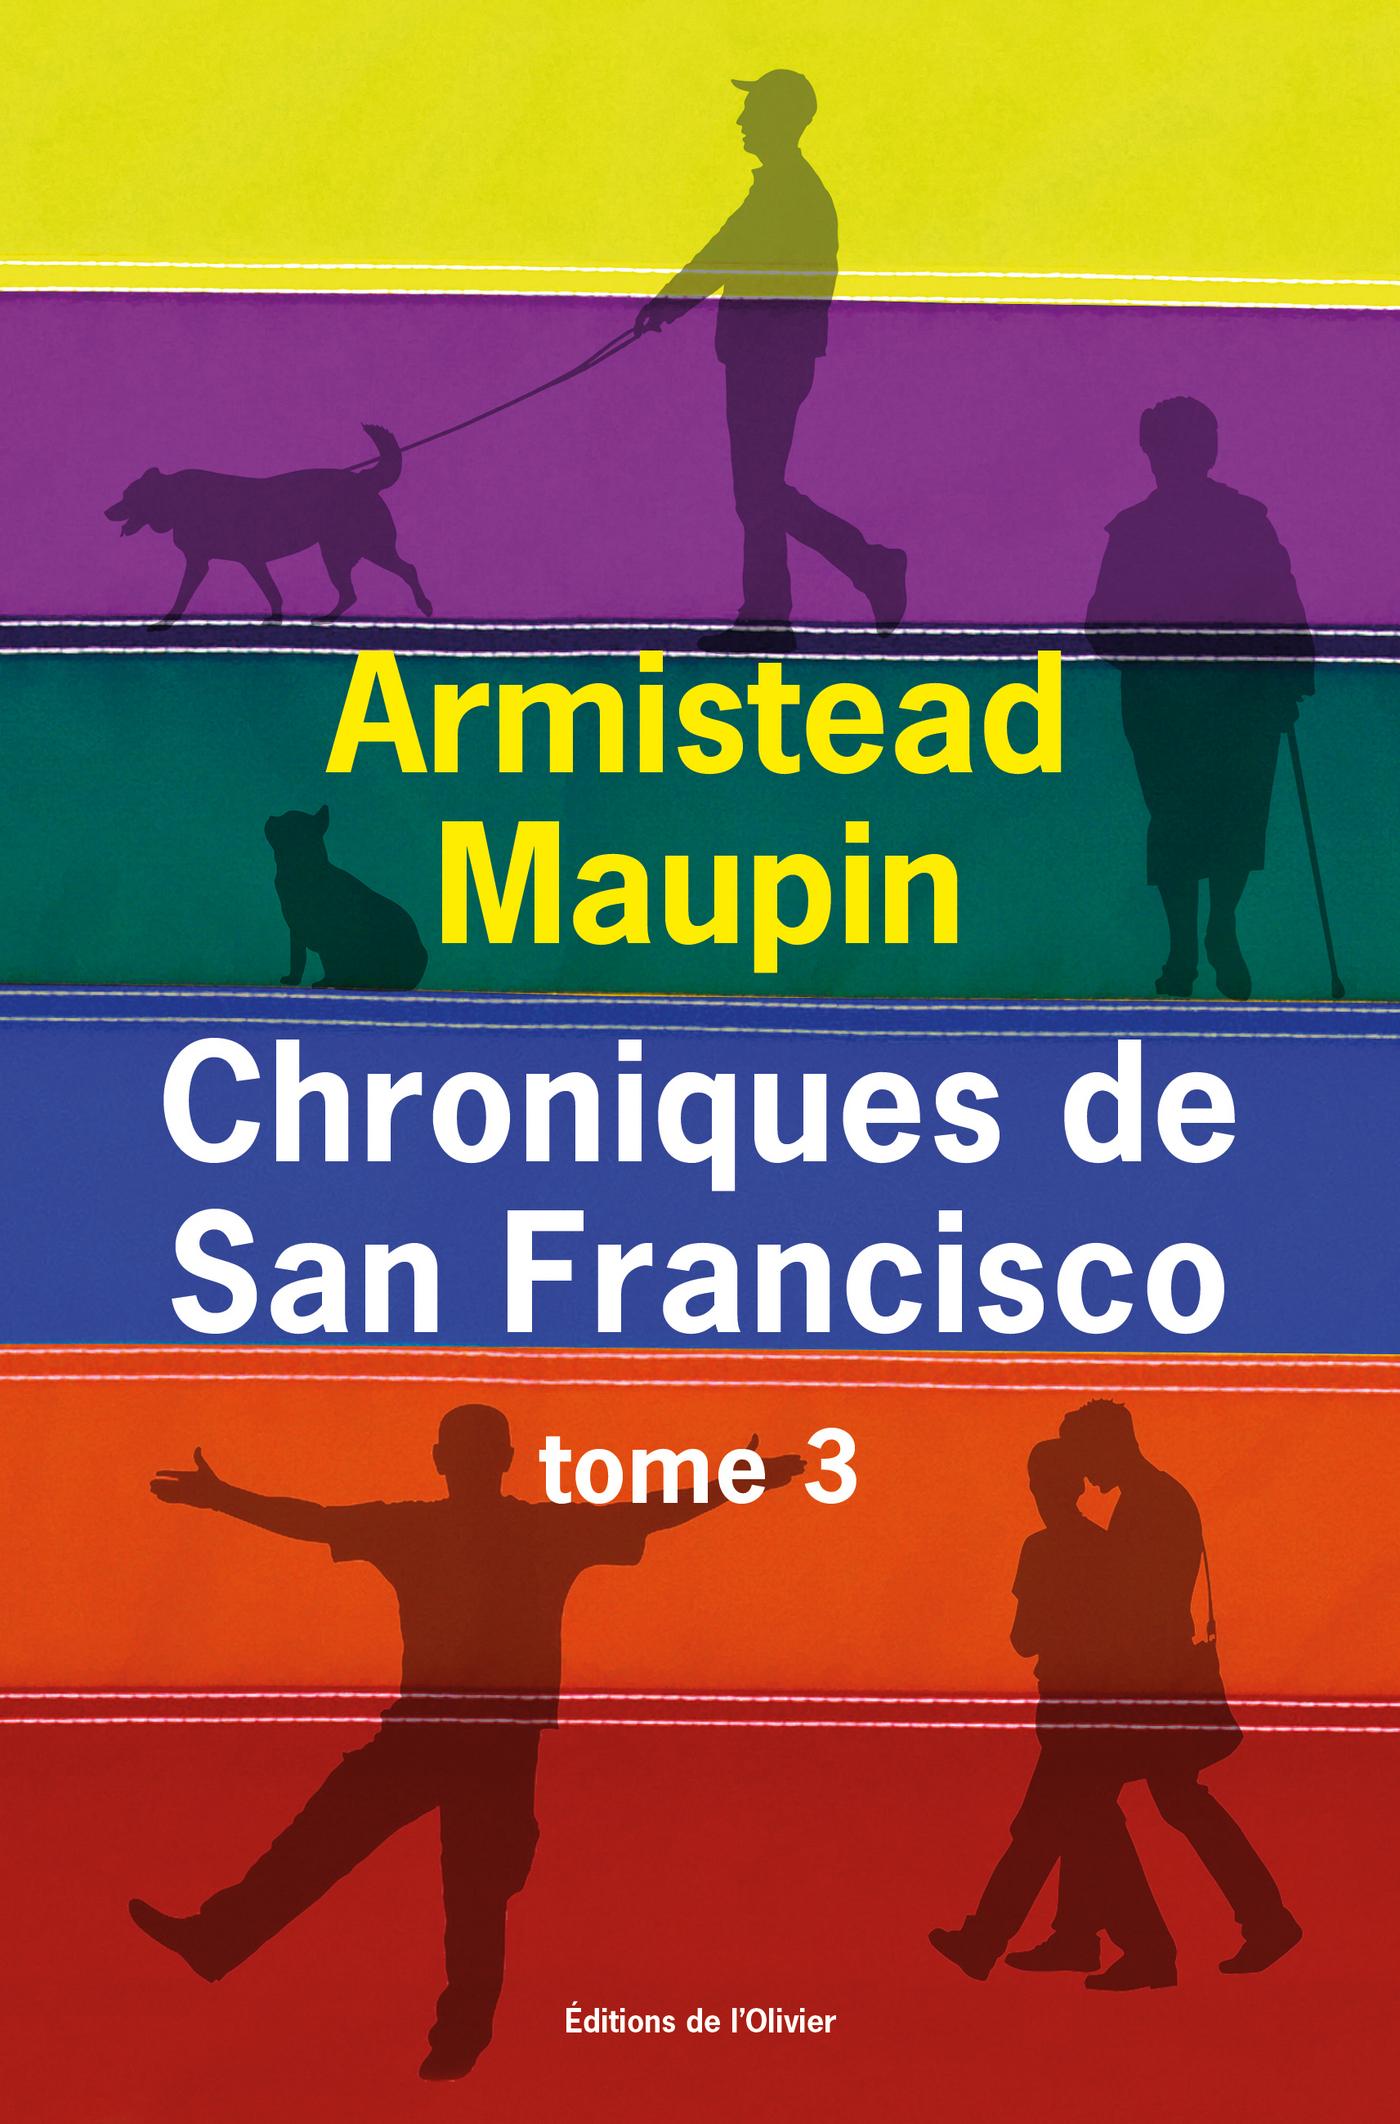 Chroniques de San Francisco - tome 3 | Maupin, Armistead